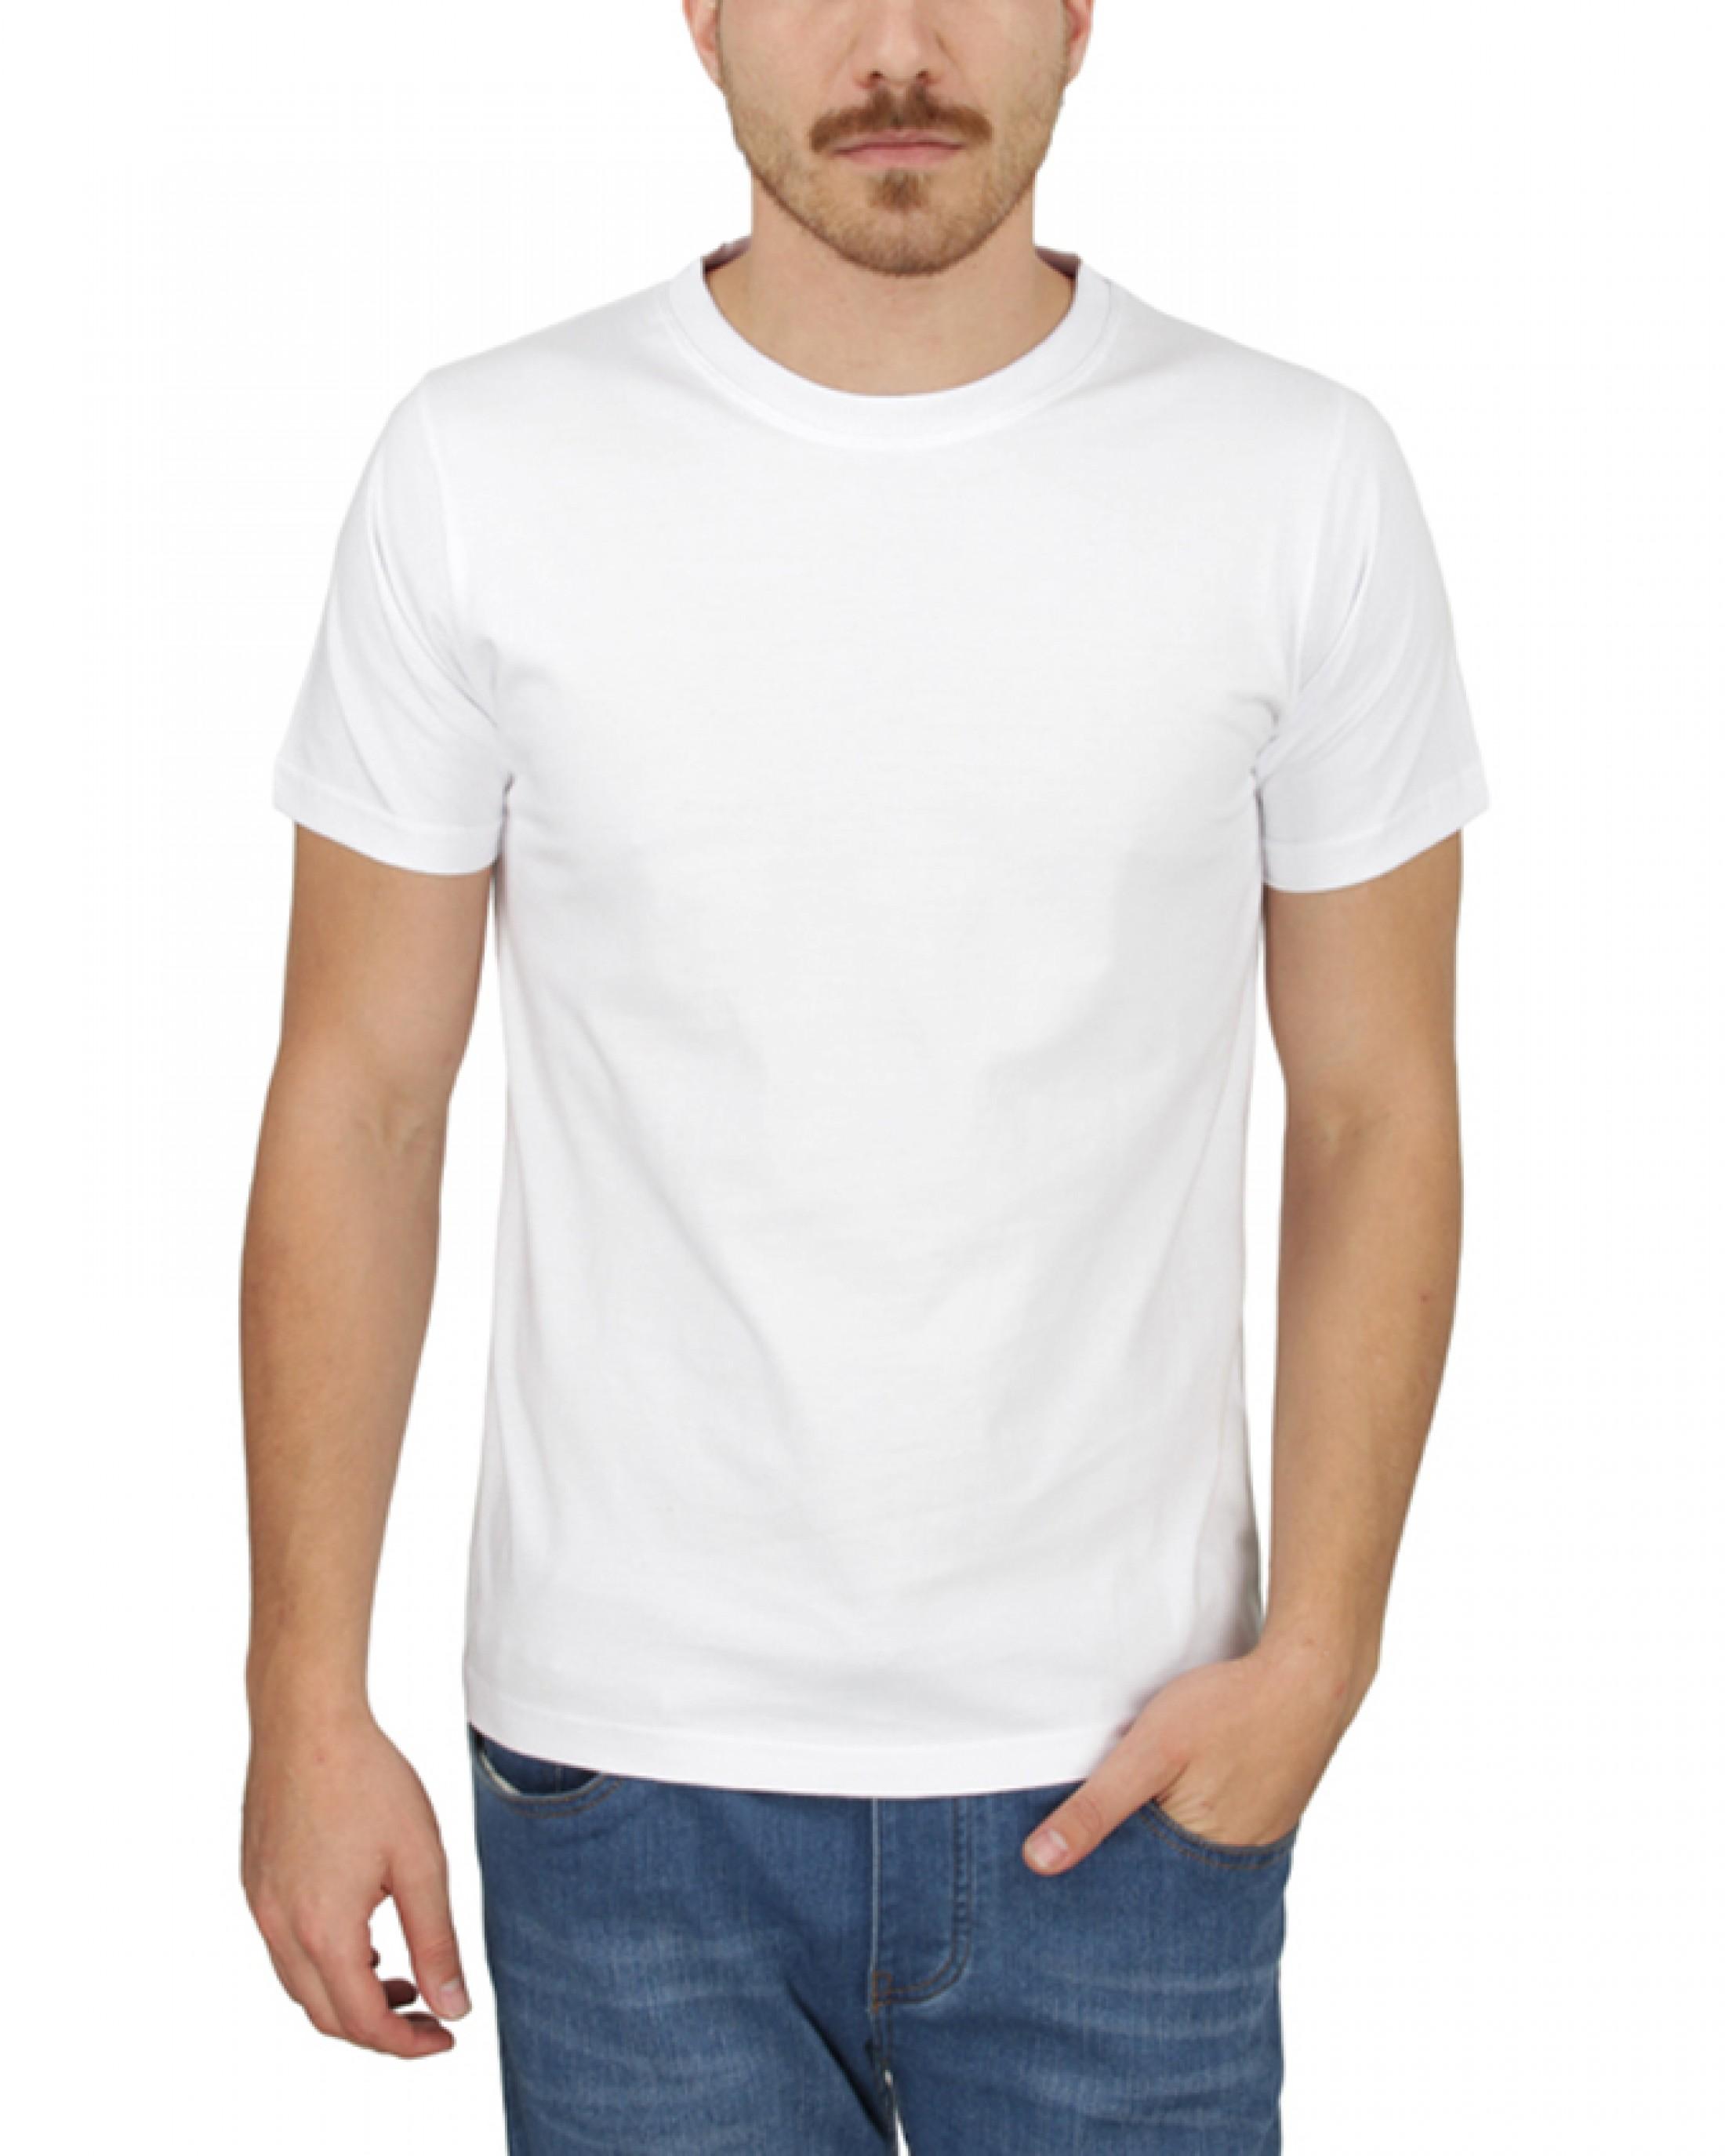 تیشرت سفید اسپان جهت چاپ و تبلیغات با قیمت عمده